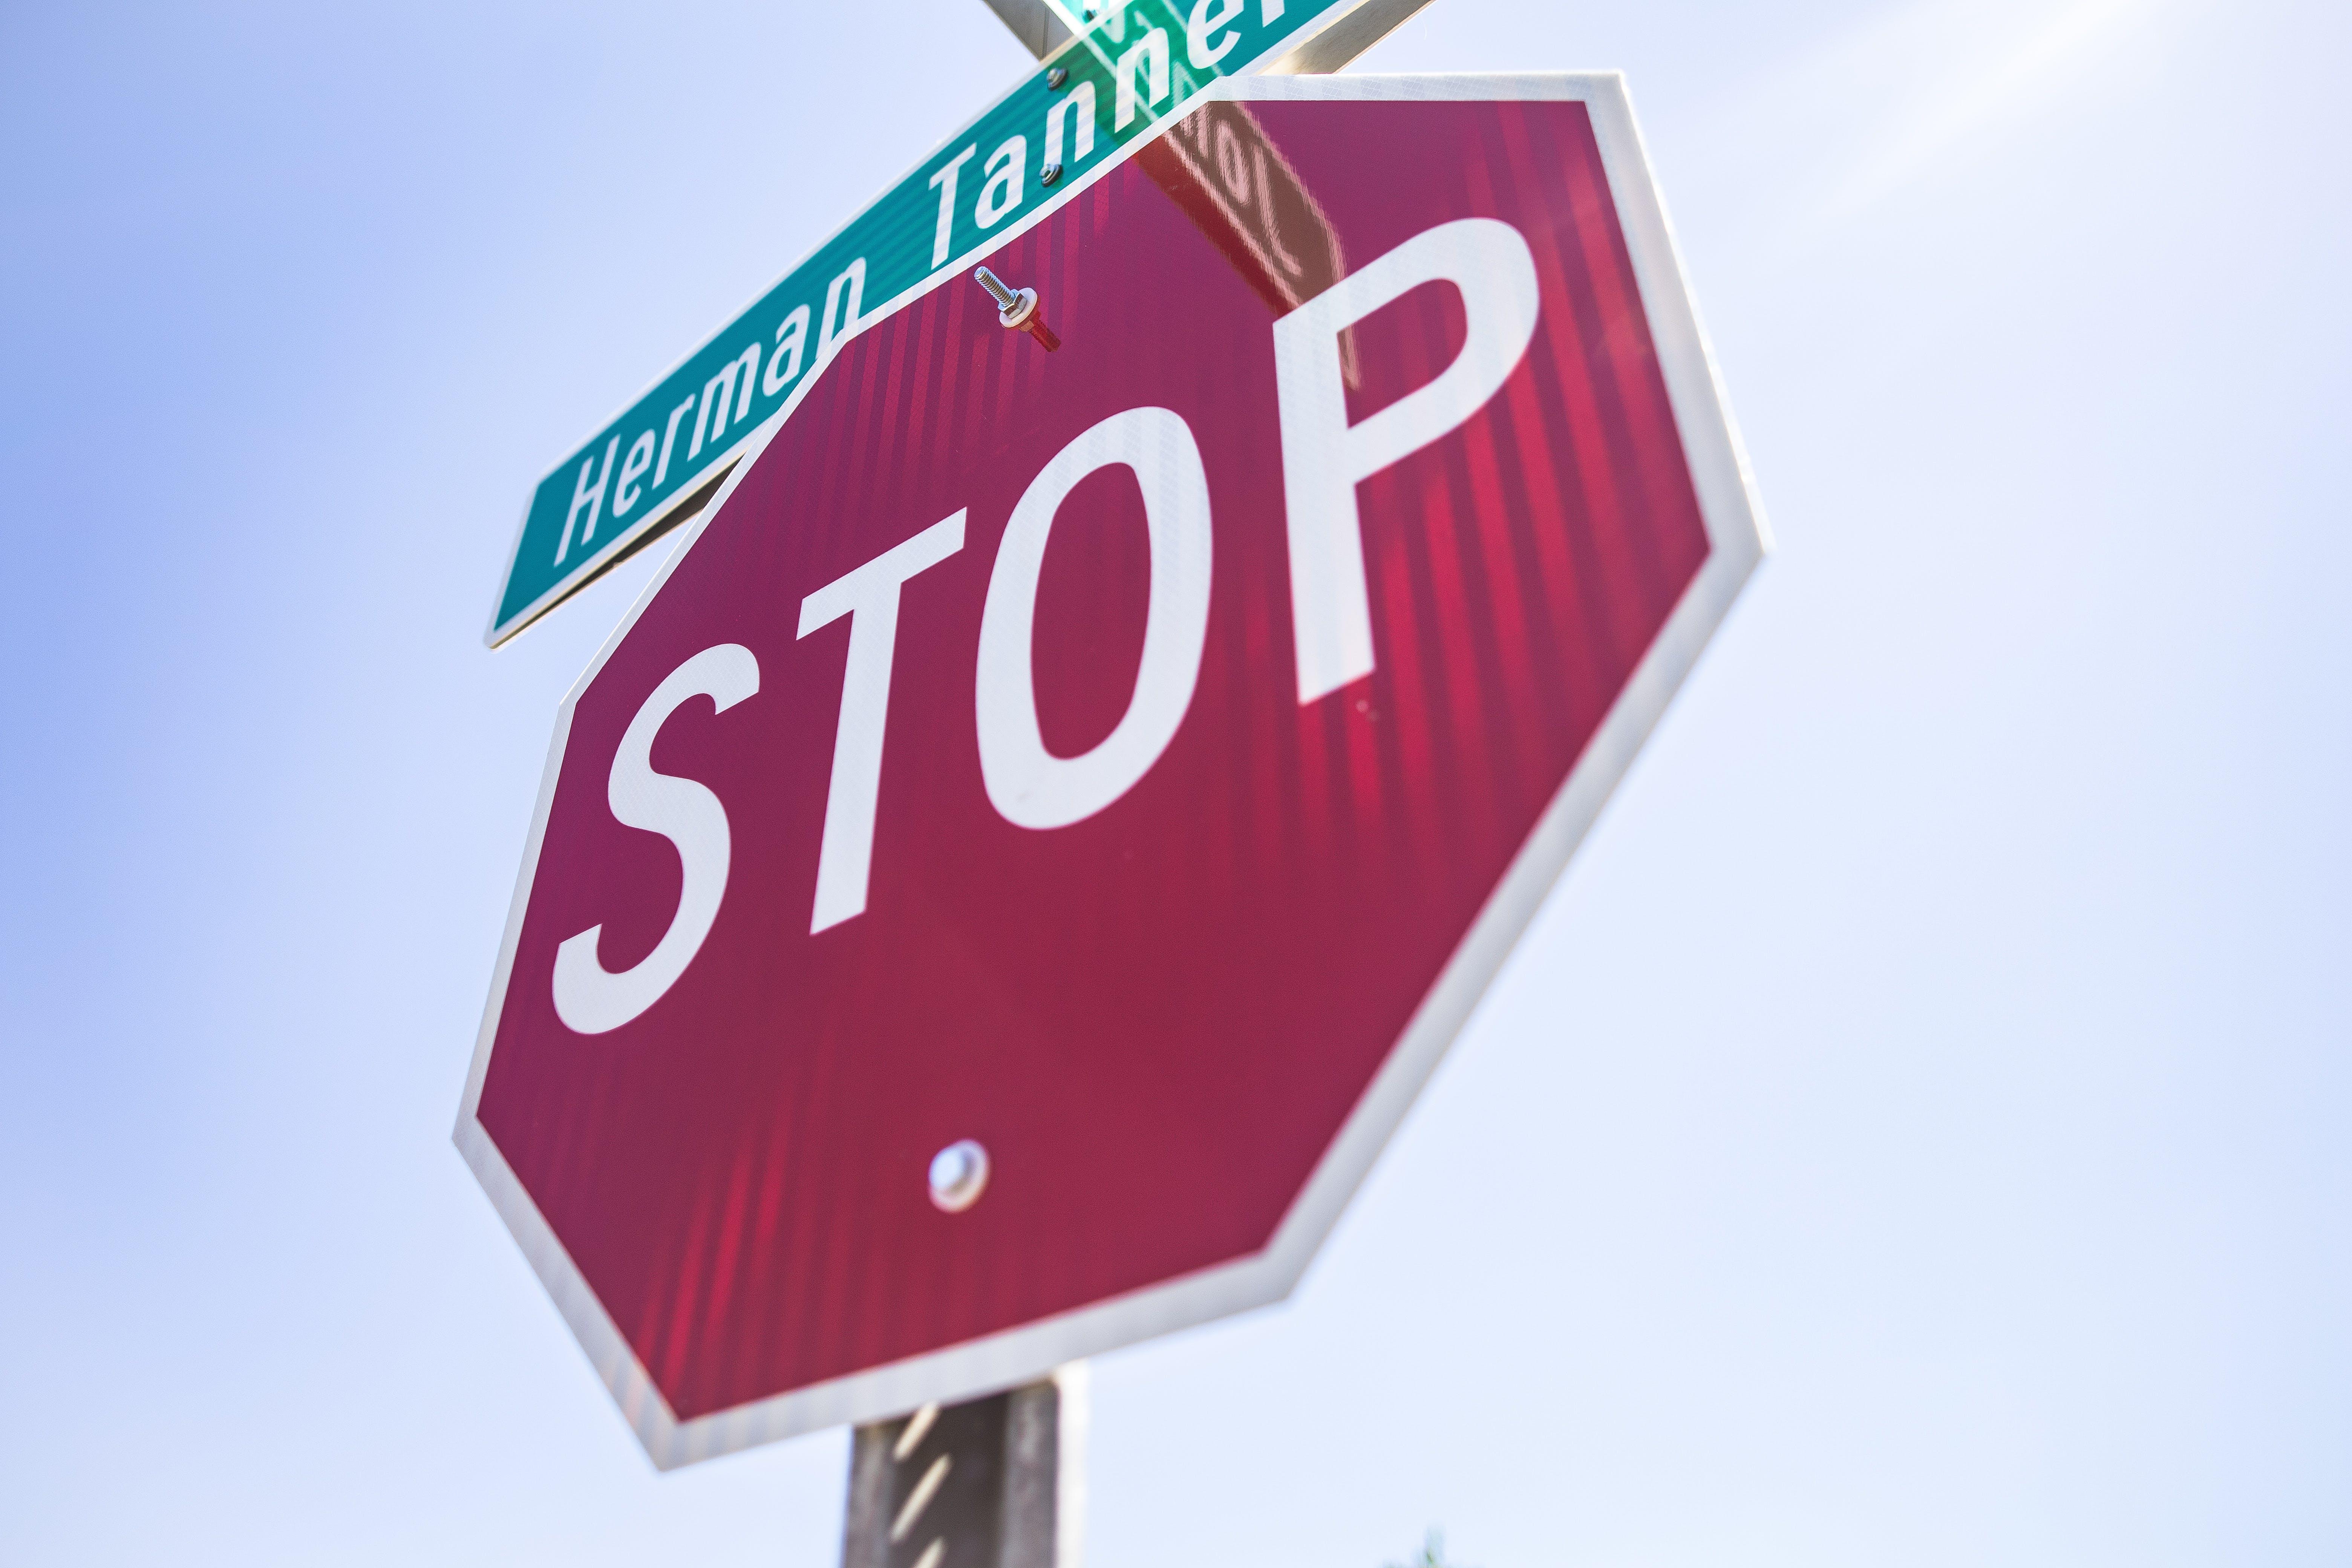 Δωρεάν στοκ φωτογραφιών με stop, ασφάλεια, διάβαση, πινακίδα